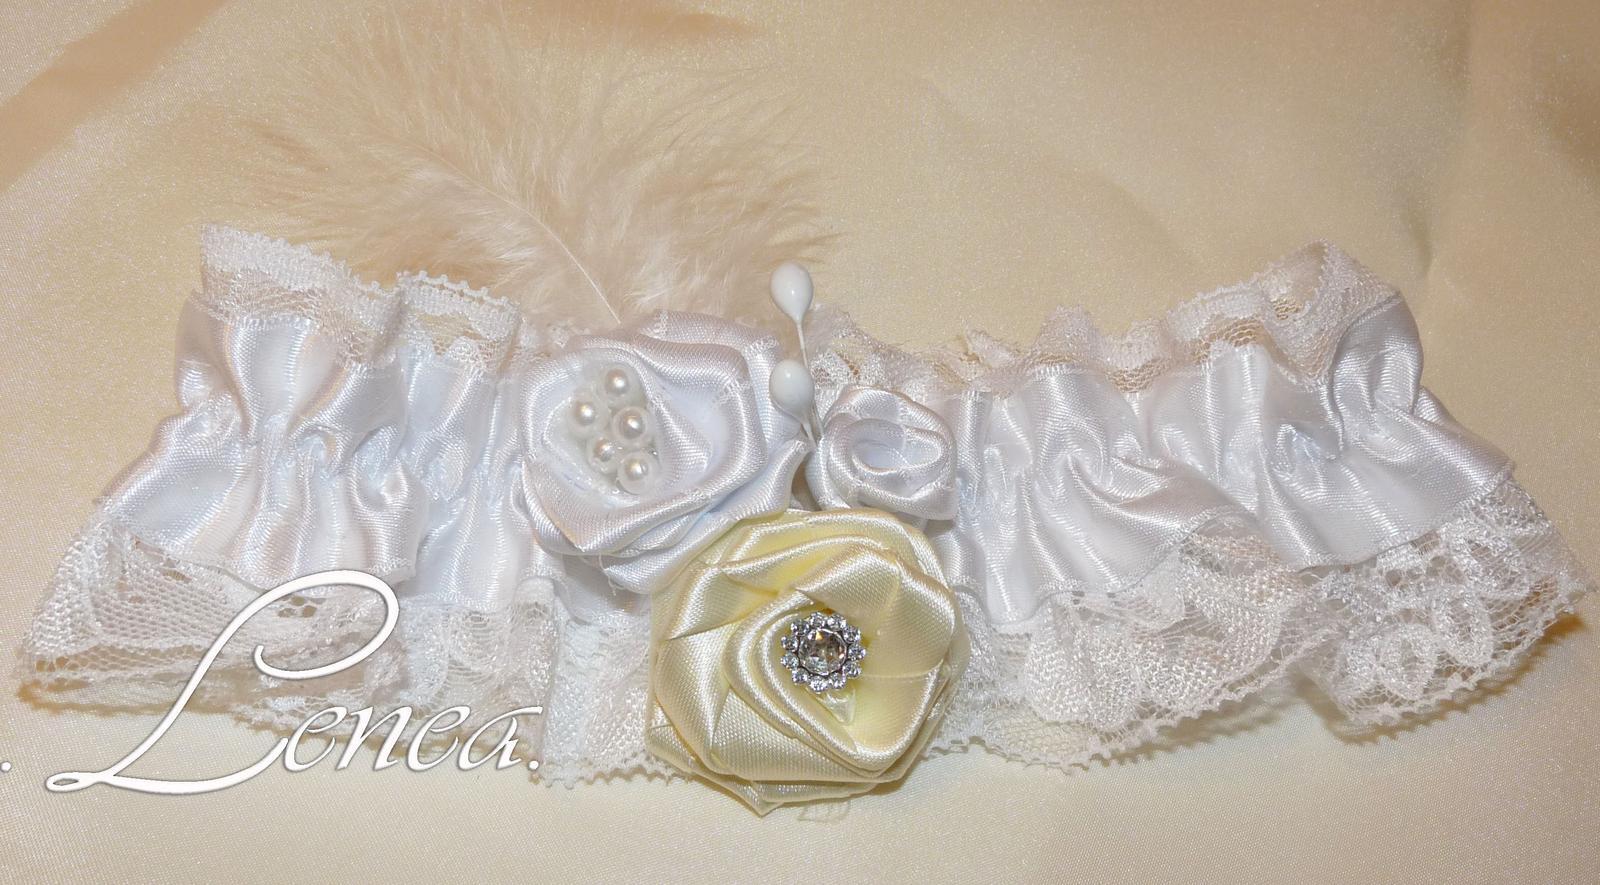 Svatební podvazky-kolekce Adele- 22 barev - Obrázek č. 3